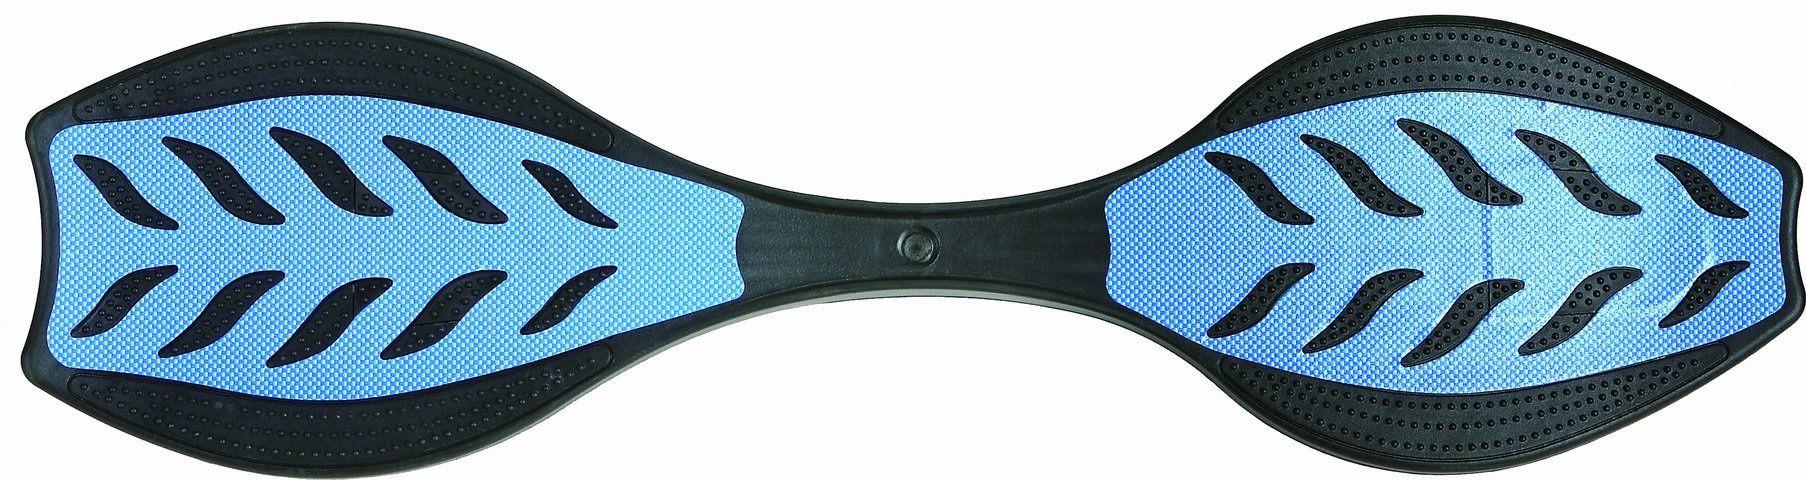 Full Nylon Material Snake Board (GS-010X)